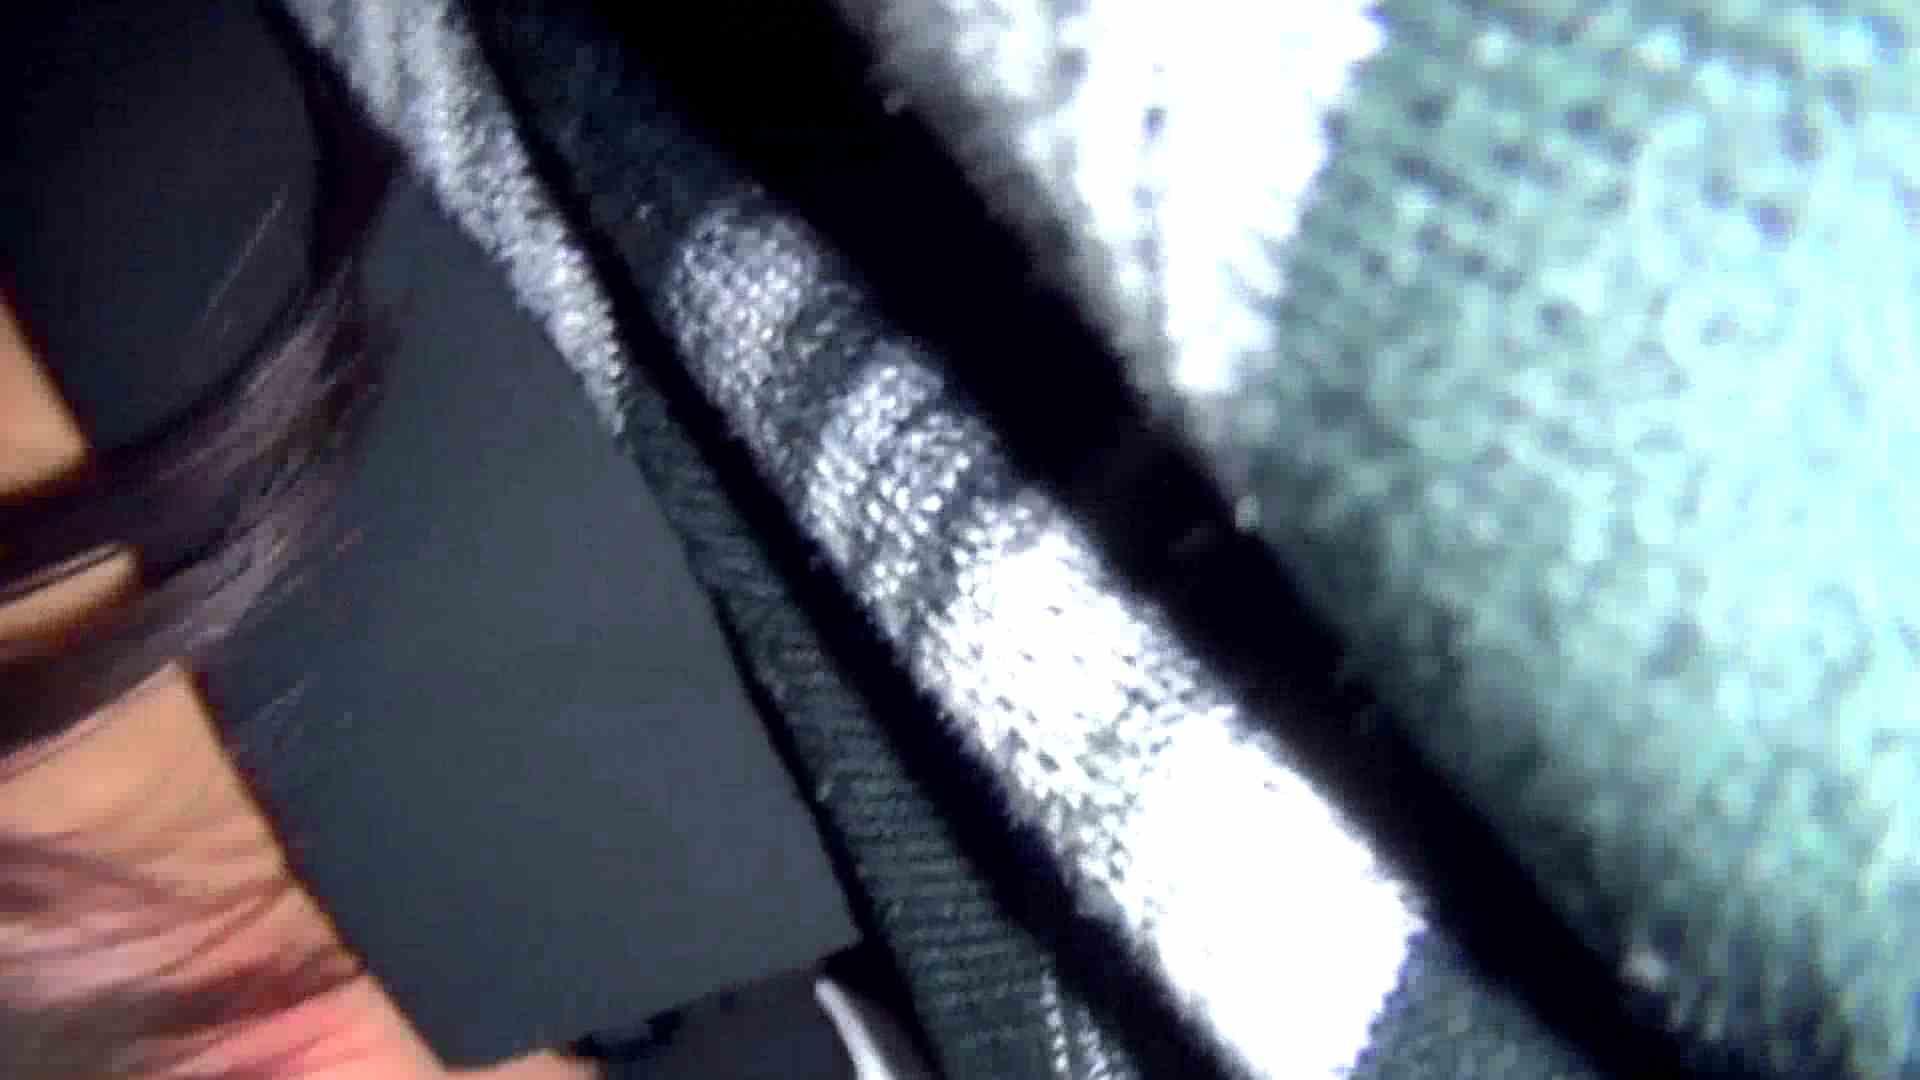 vol.34 【AIちゃん】 黒髪19歳 夏休みのプチ家出中 1回目 細身体型 ぱこり動画紹介 78枚 62